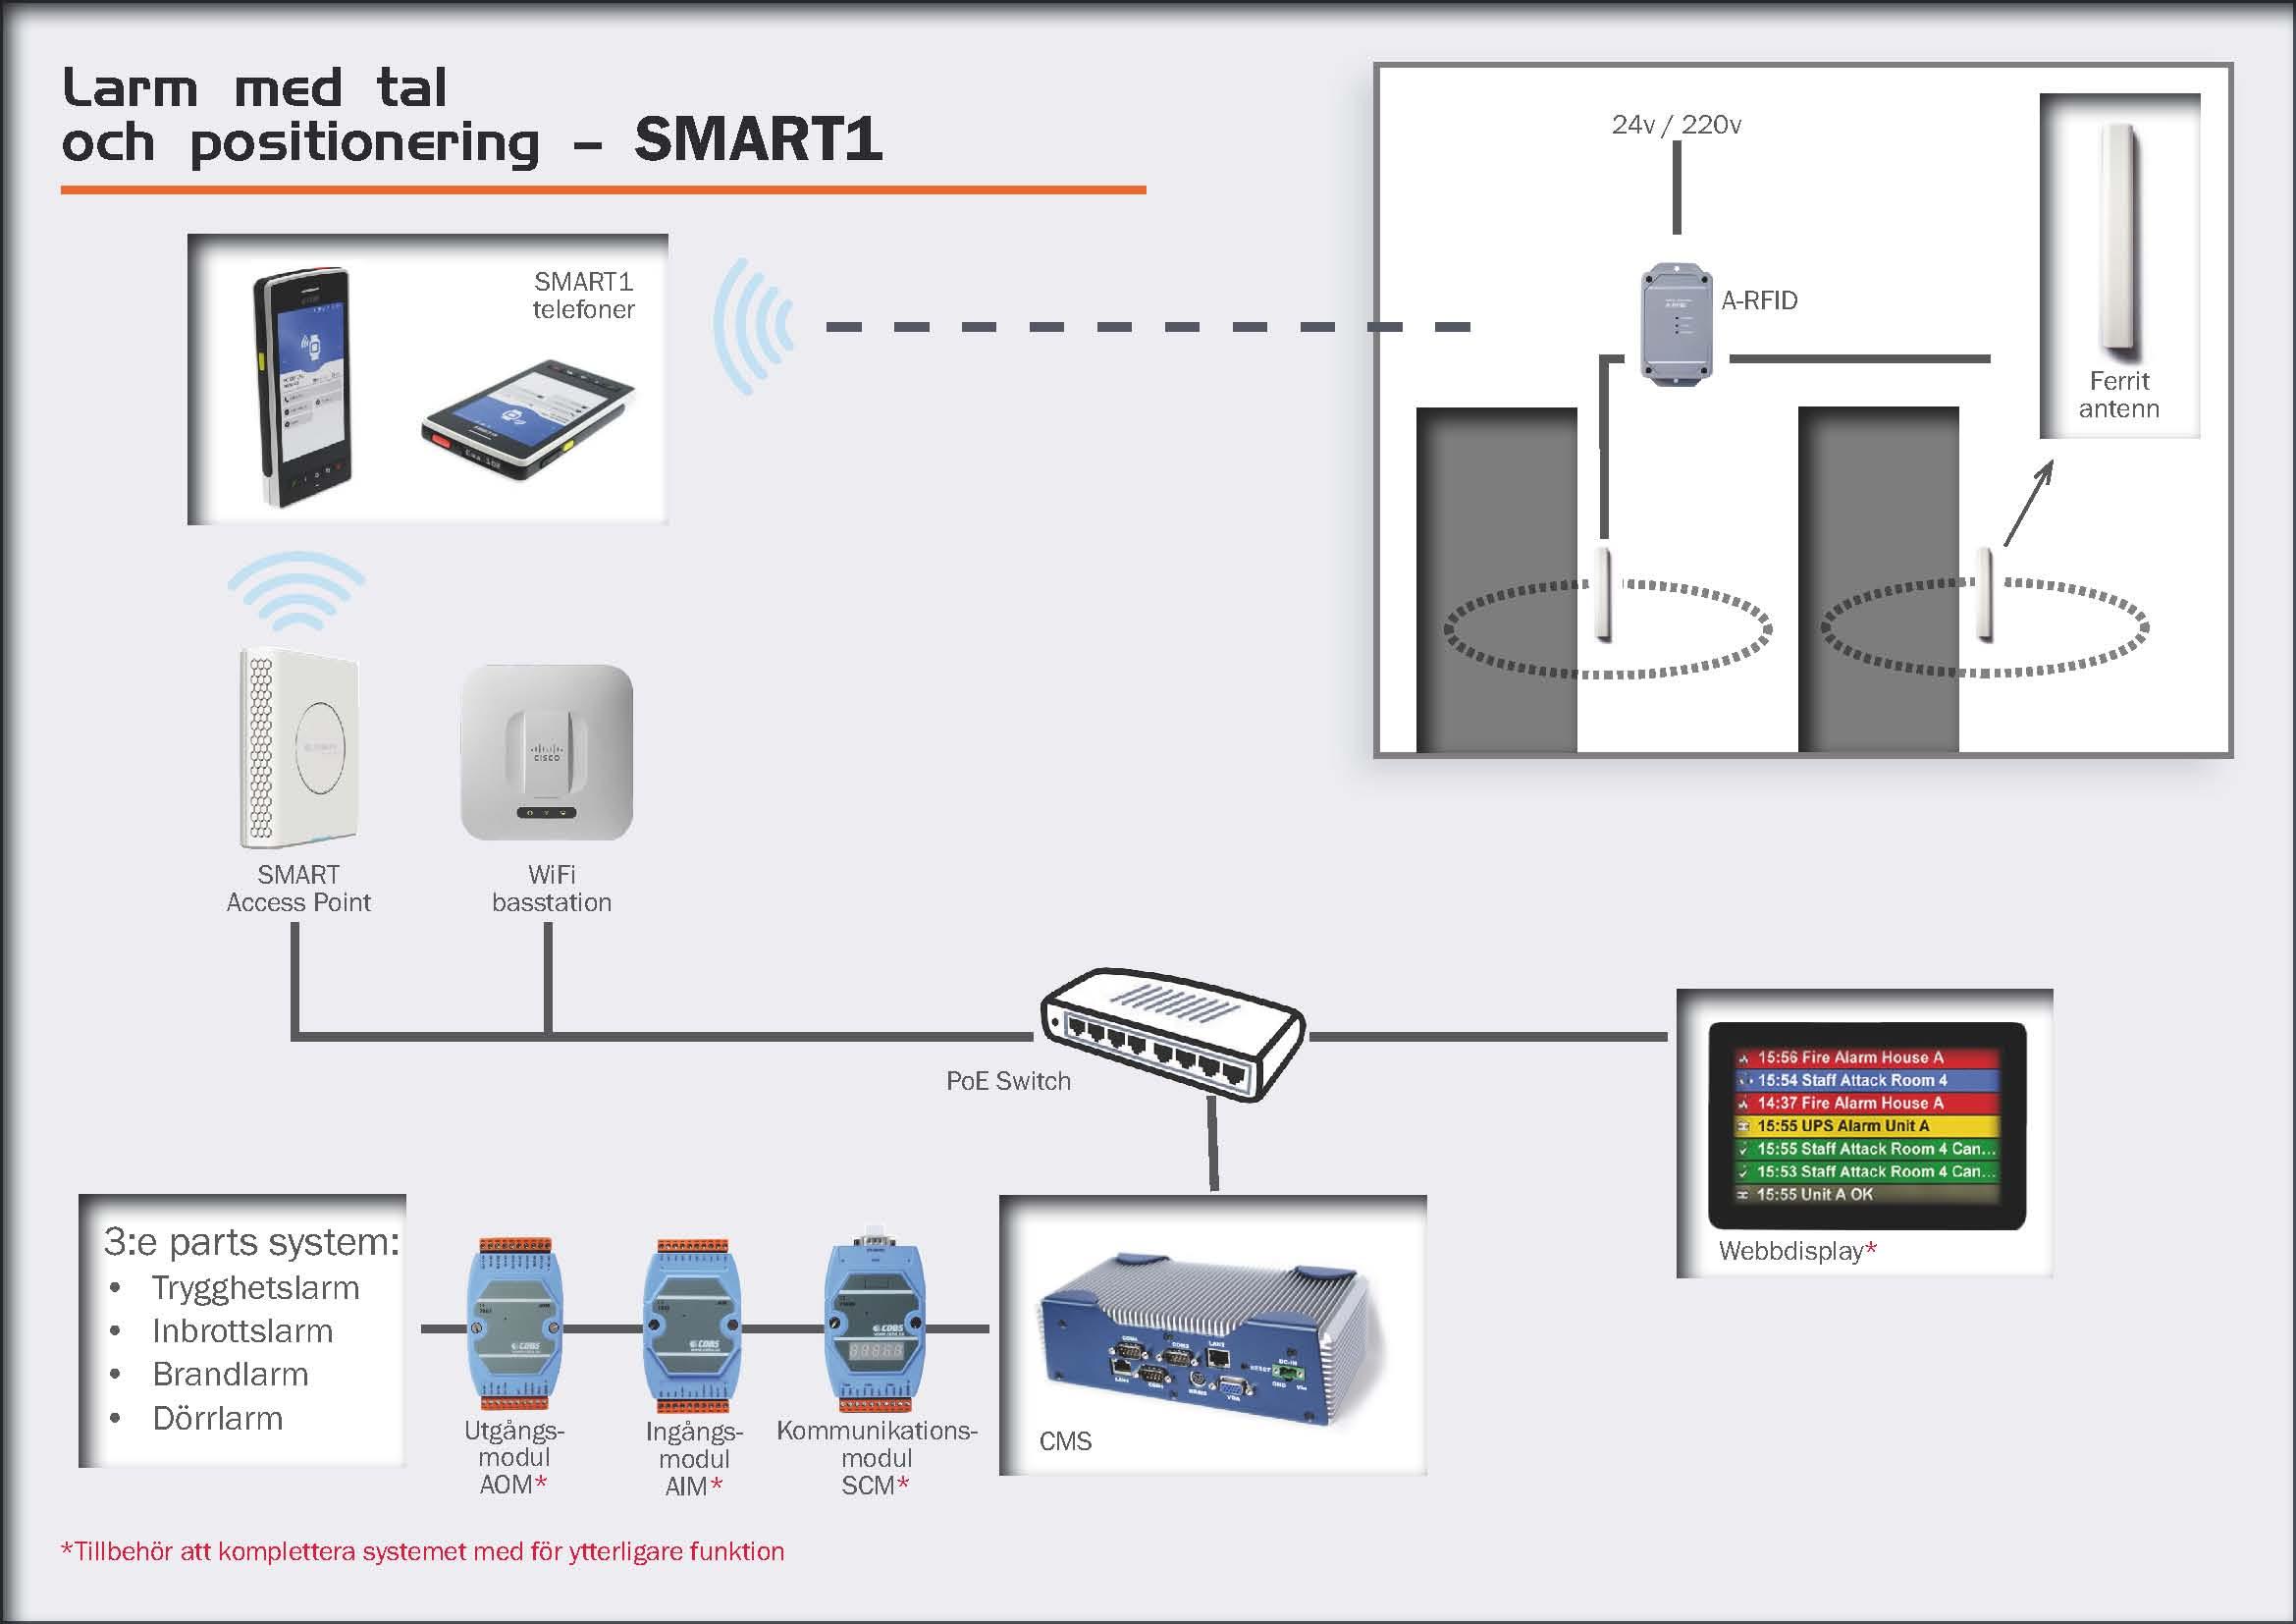 Larm med tal och positionering - SMART1